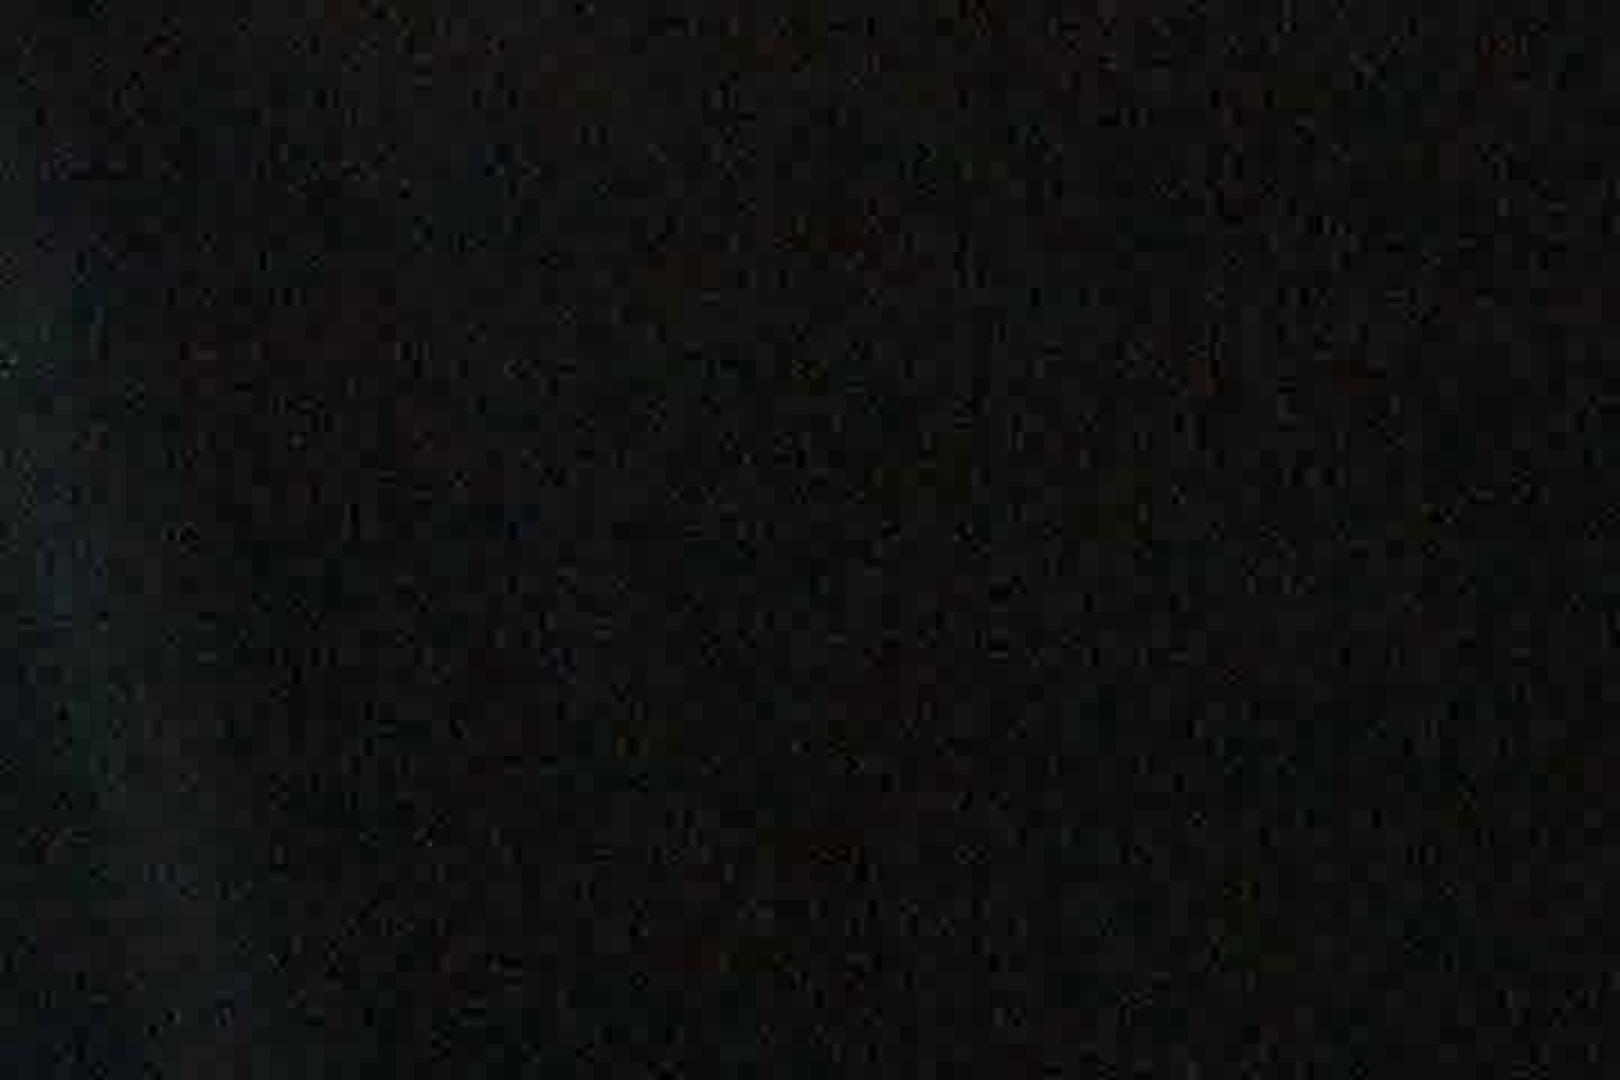 充血監督の深夜の運動会Vol.2 車 盗み撮り動画キャプチャ 69画像 51